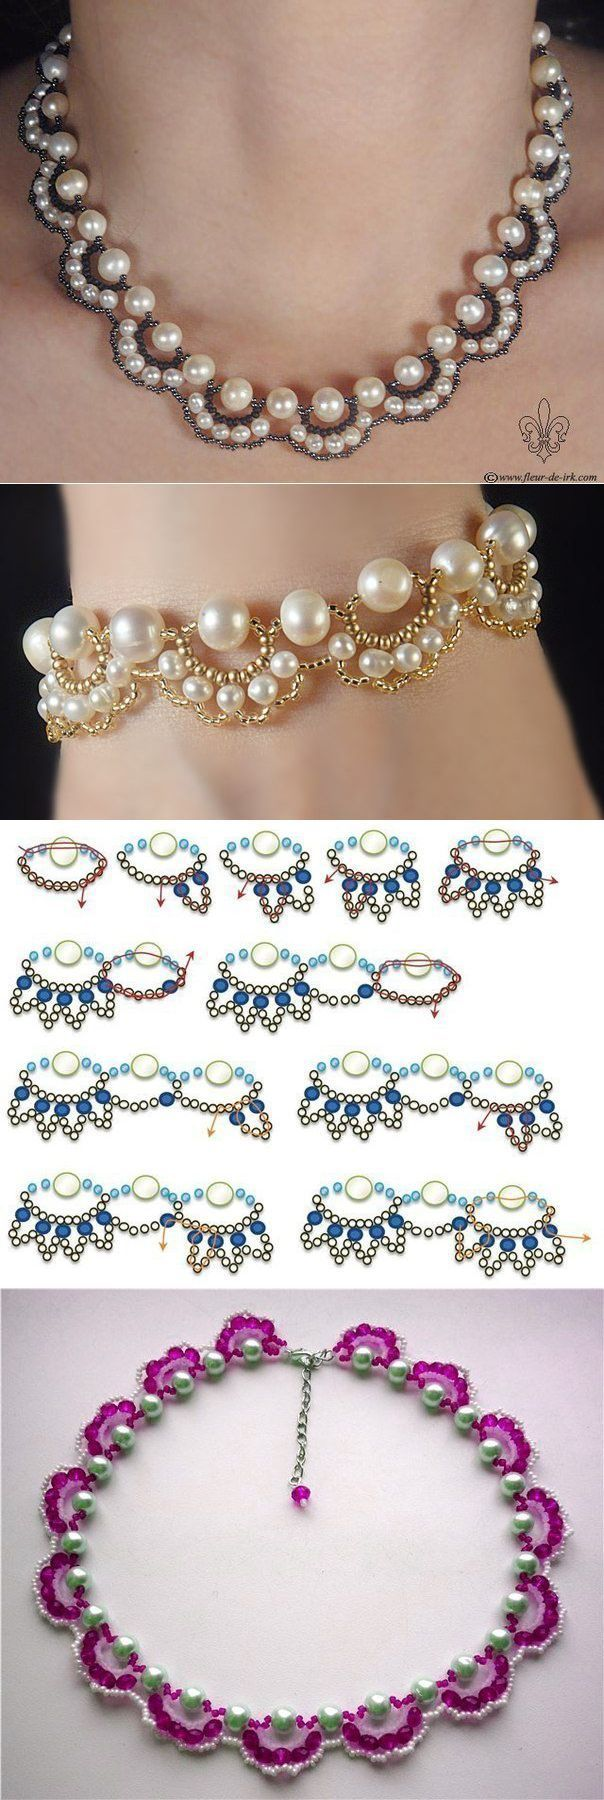 Conducir collar o pulsera de la armadura con los granos de la perla